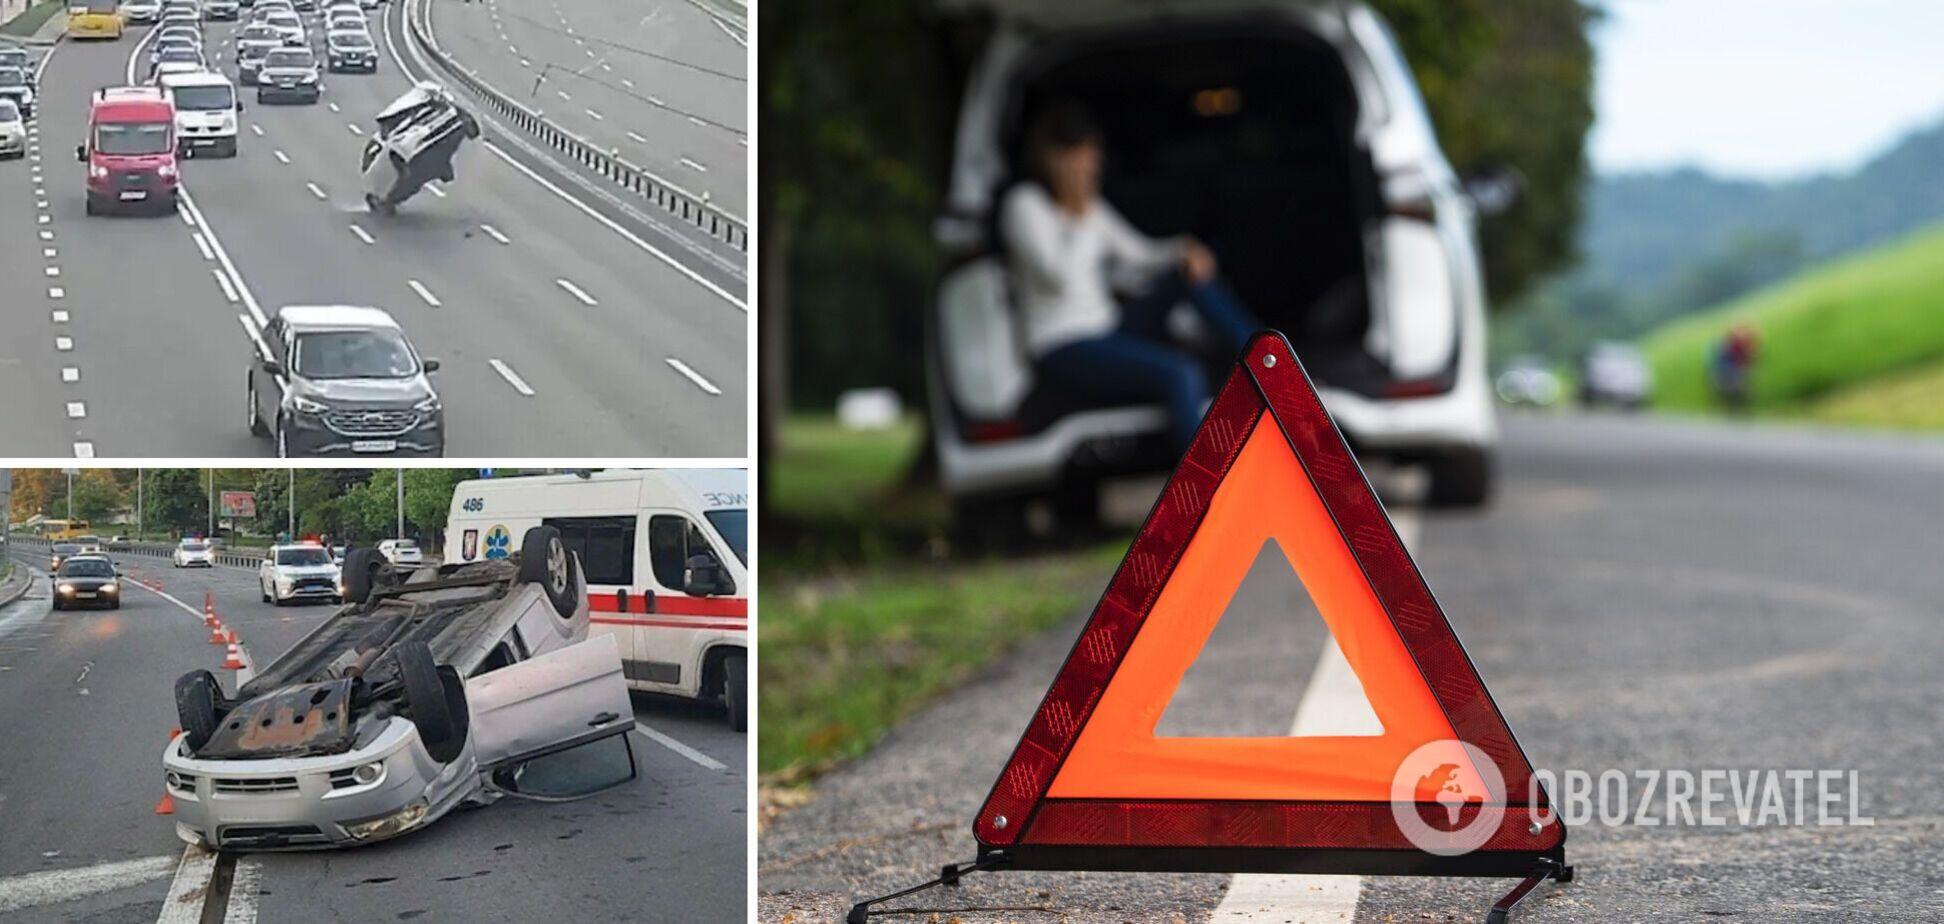 Автолюбители пренебрегают правилами дорожного движения